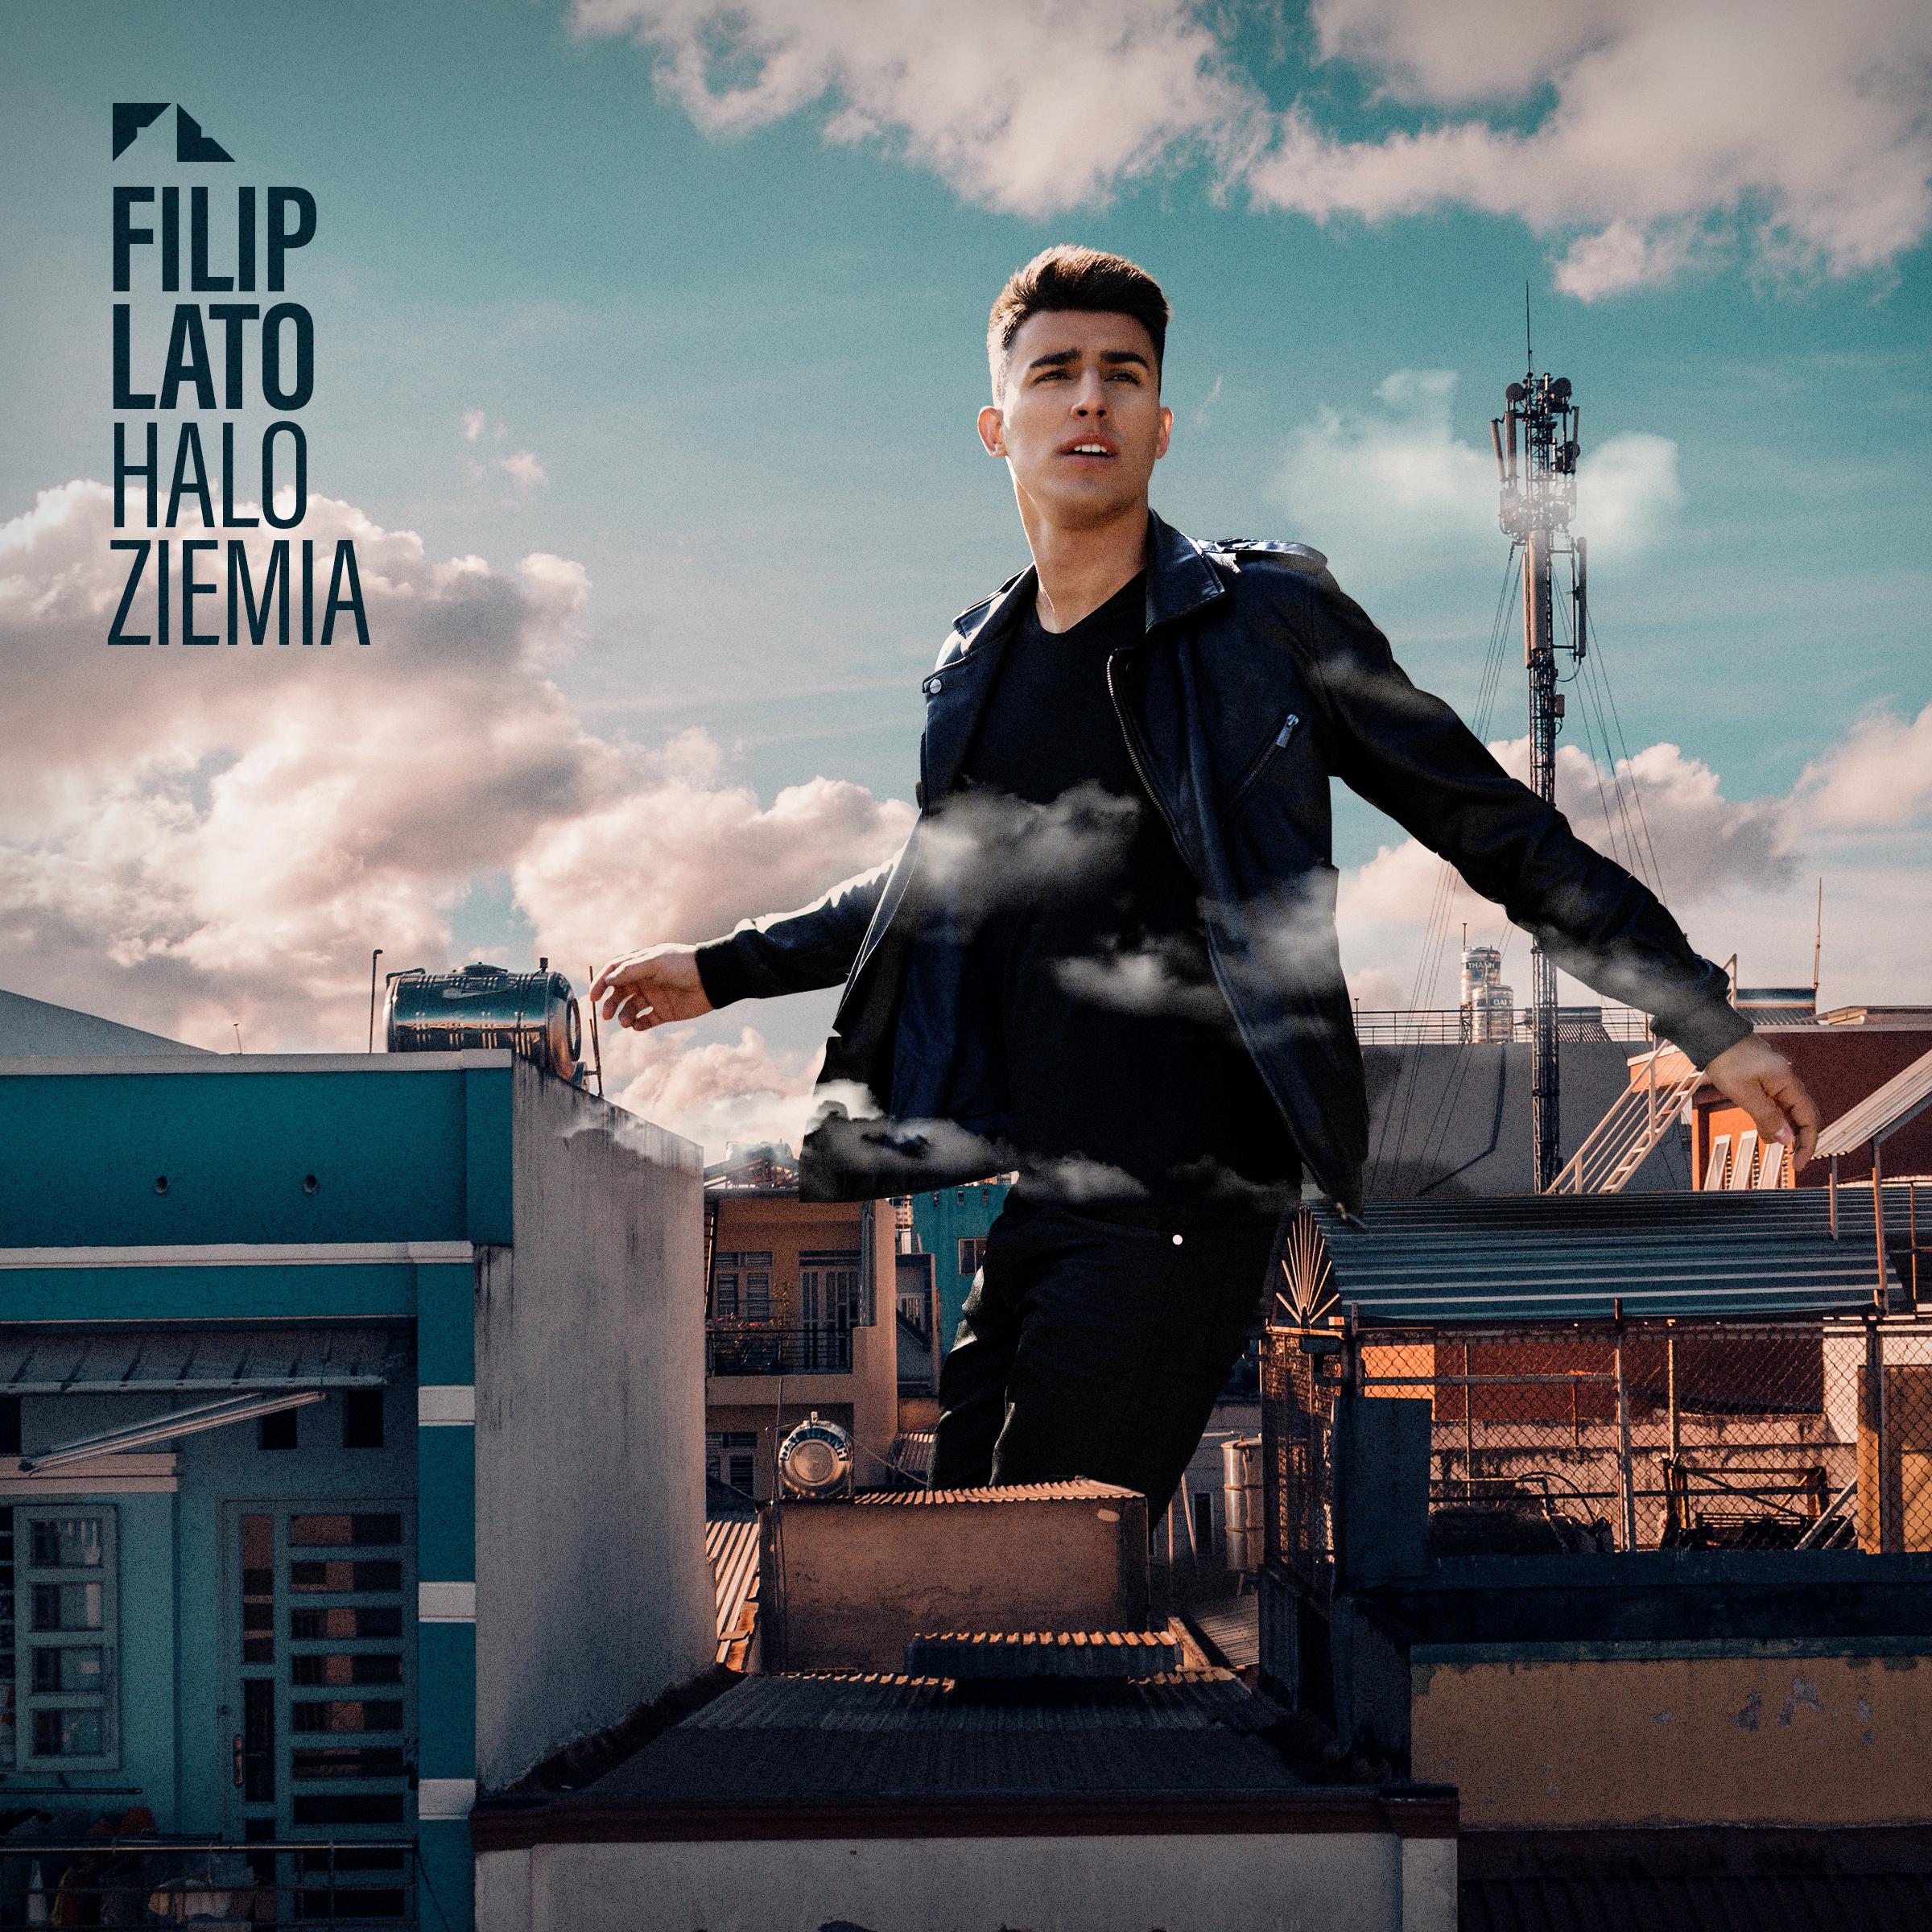 Filip Lato - Halo Ziemia